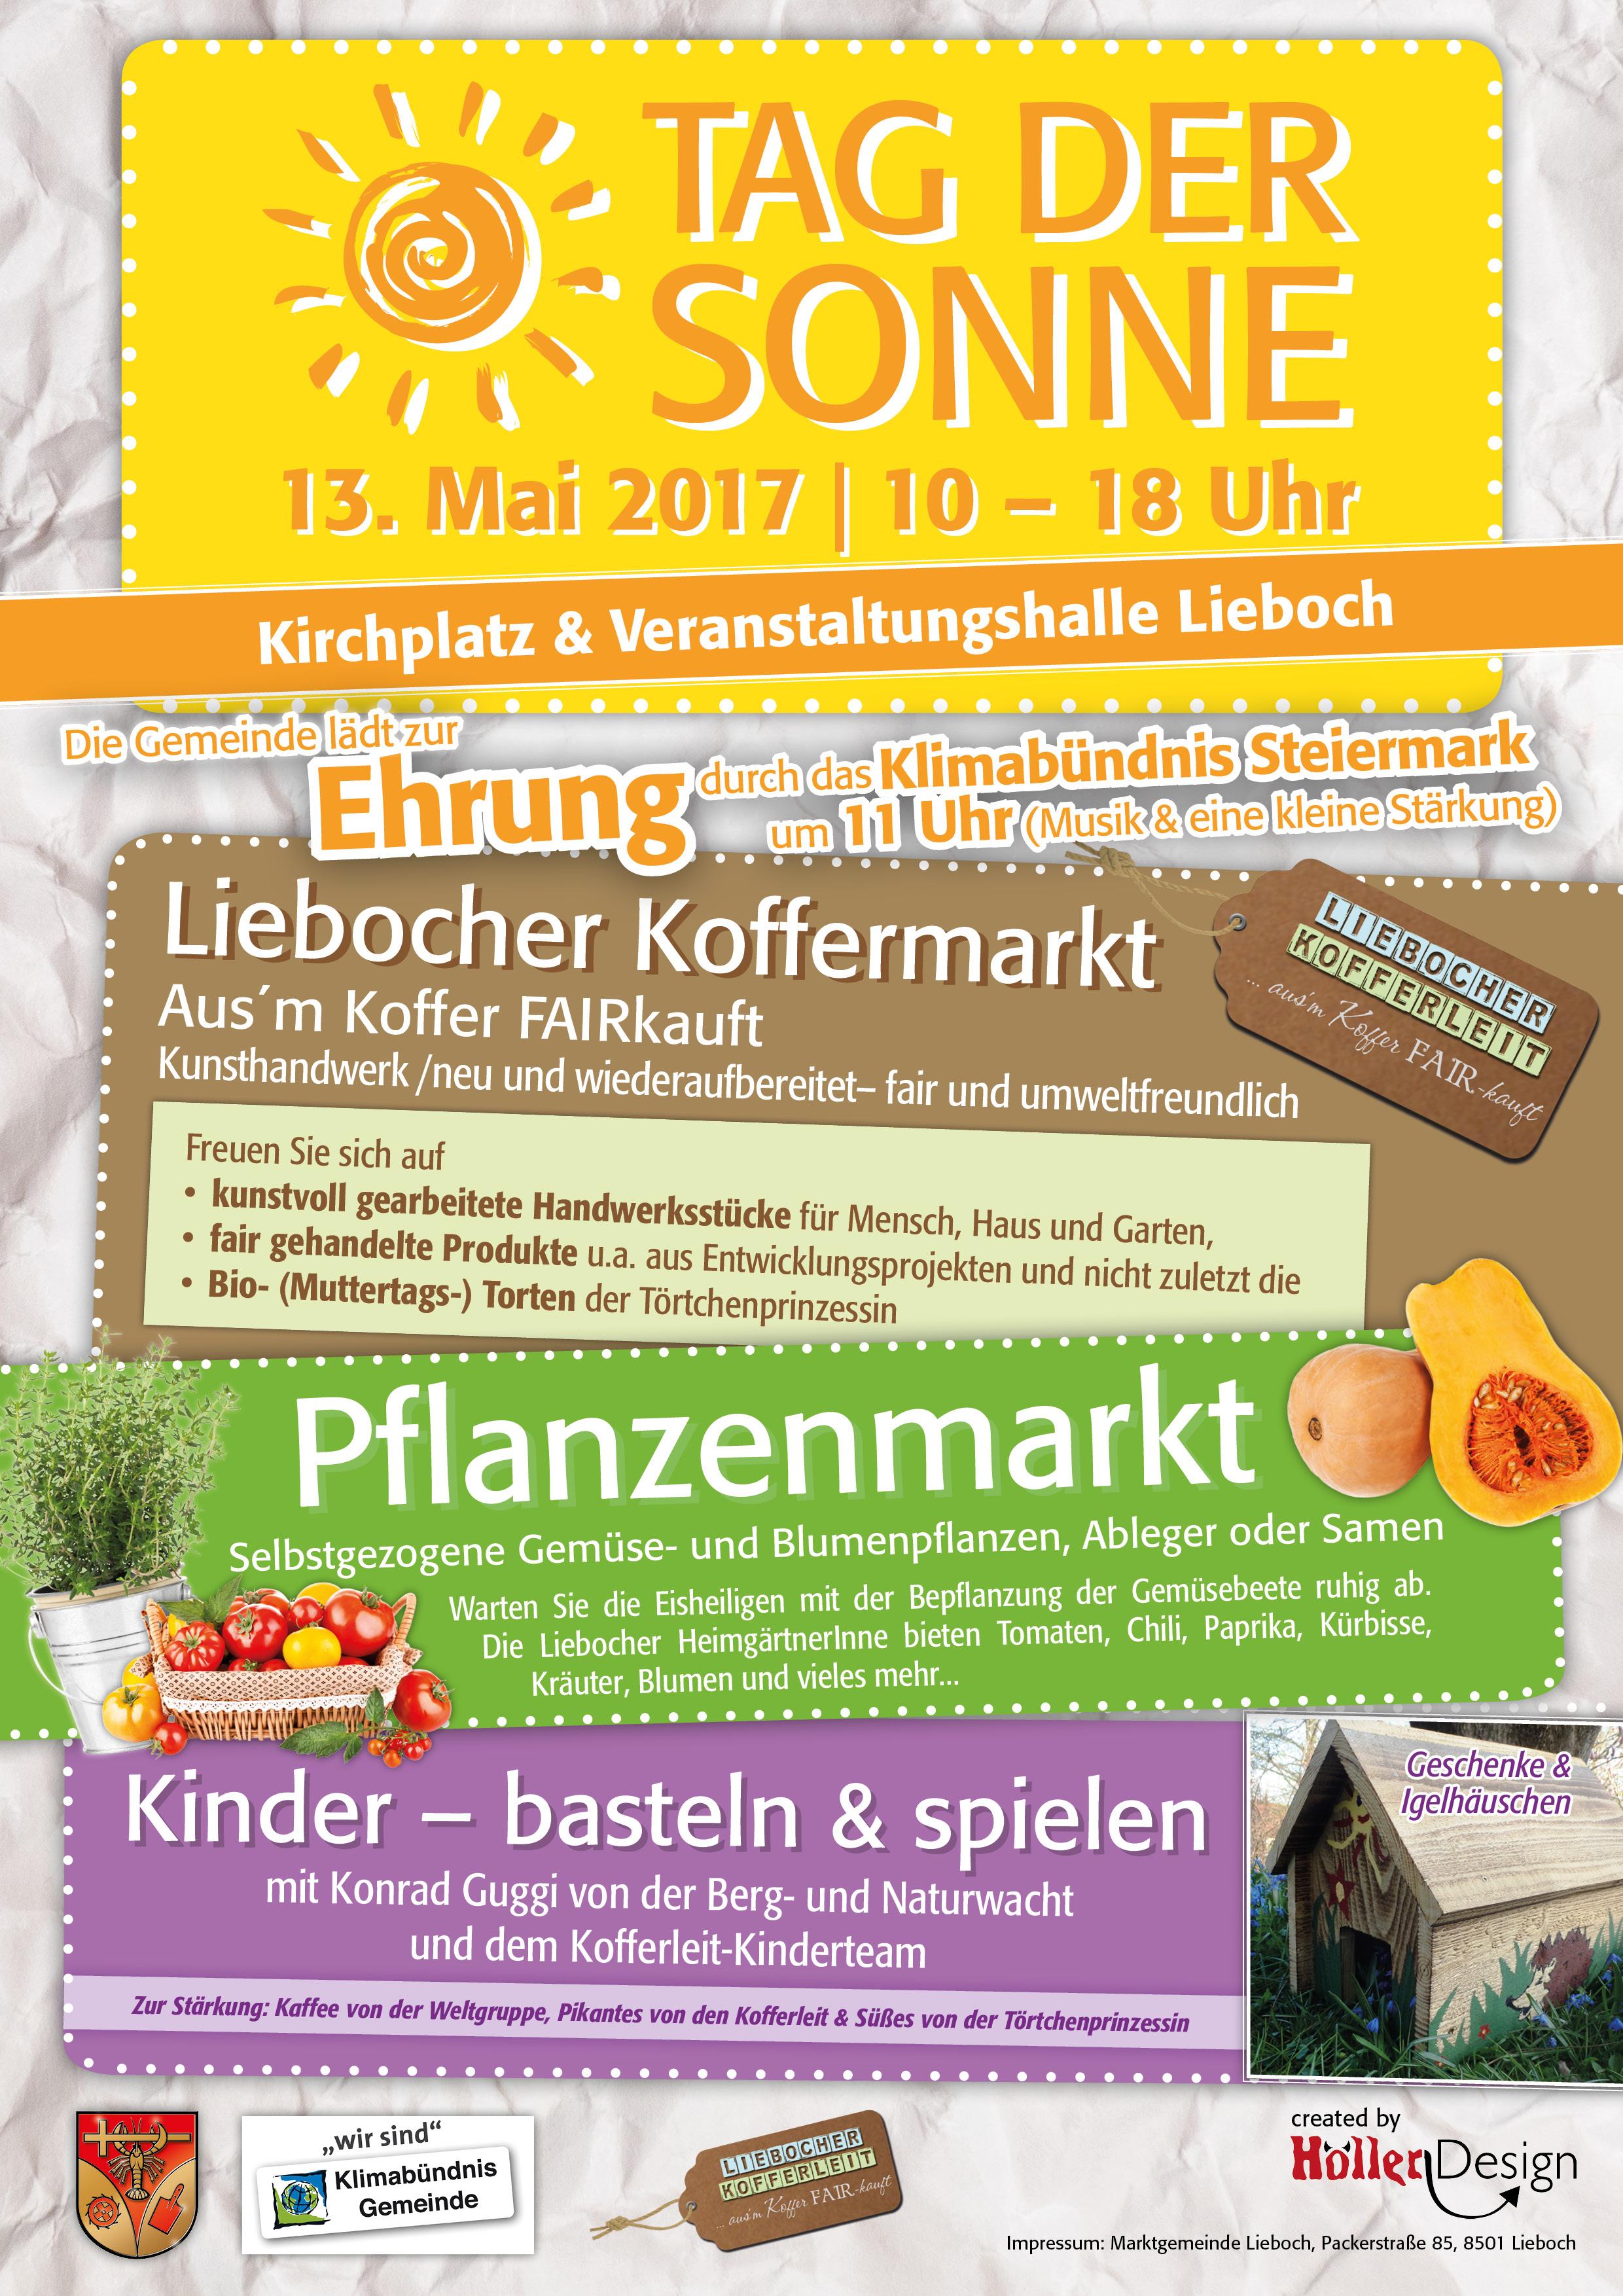 Plakat zum Tag der Sonne, 13.Mai 2017 in Lieboch. Auf dem programm stehen die Ehrung der Gmeinde, der Liebocher Koffermarkt, Pflanzenmarkt und eine Bastel- und spielecke für Kinder.